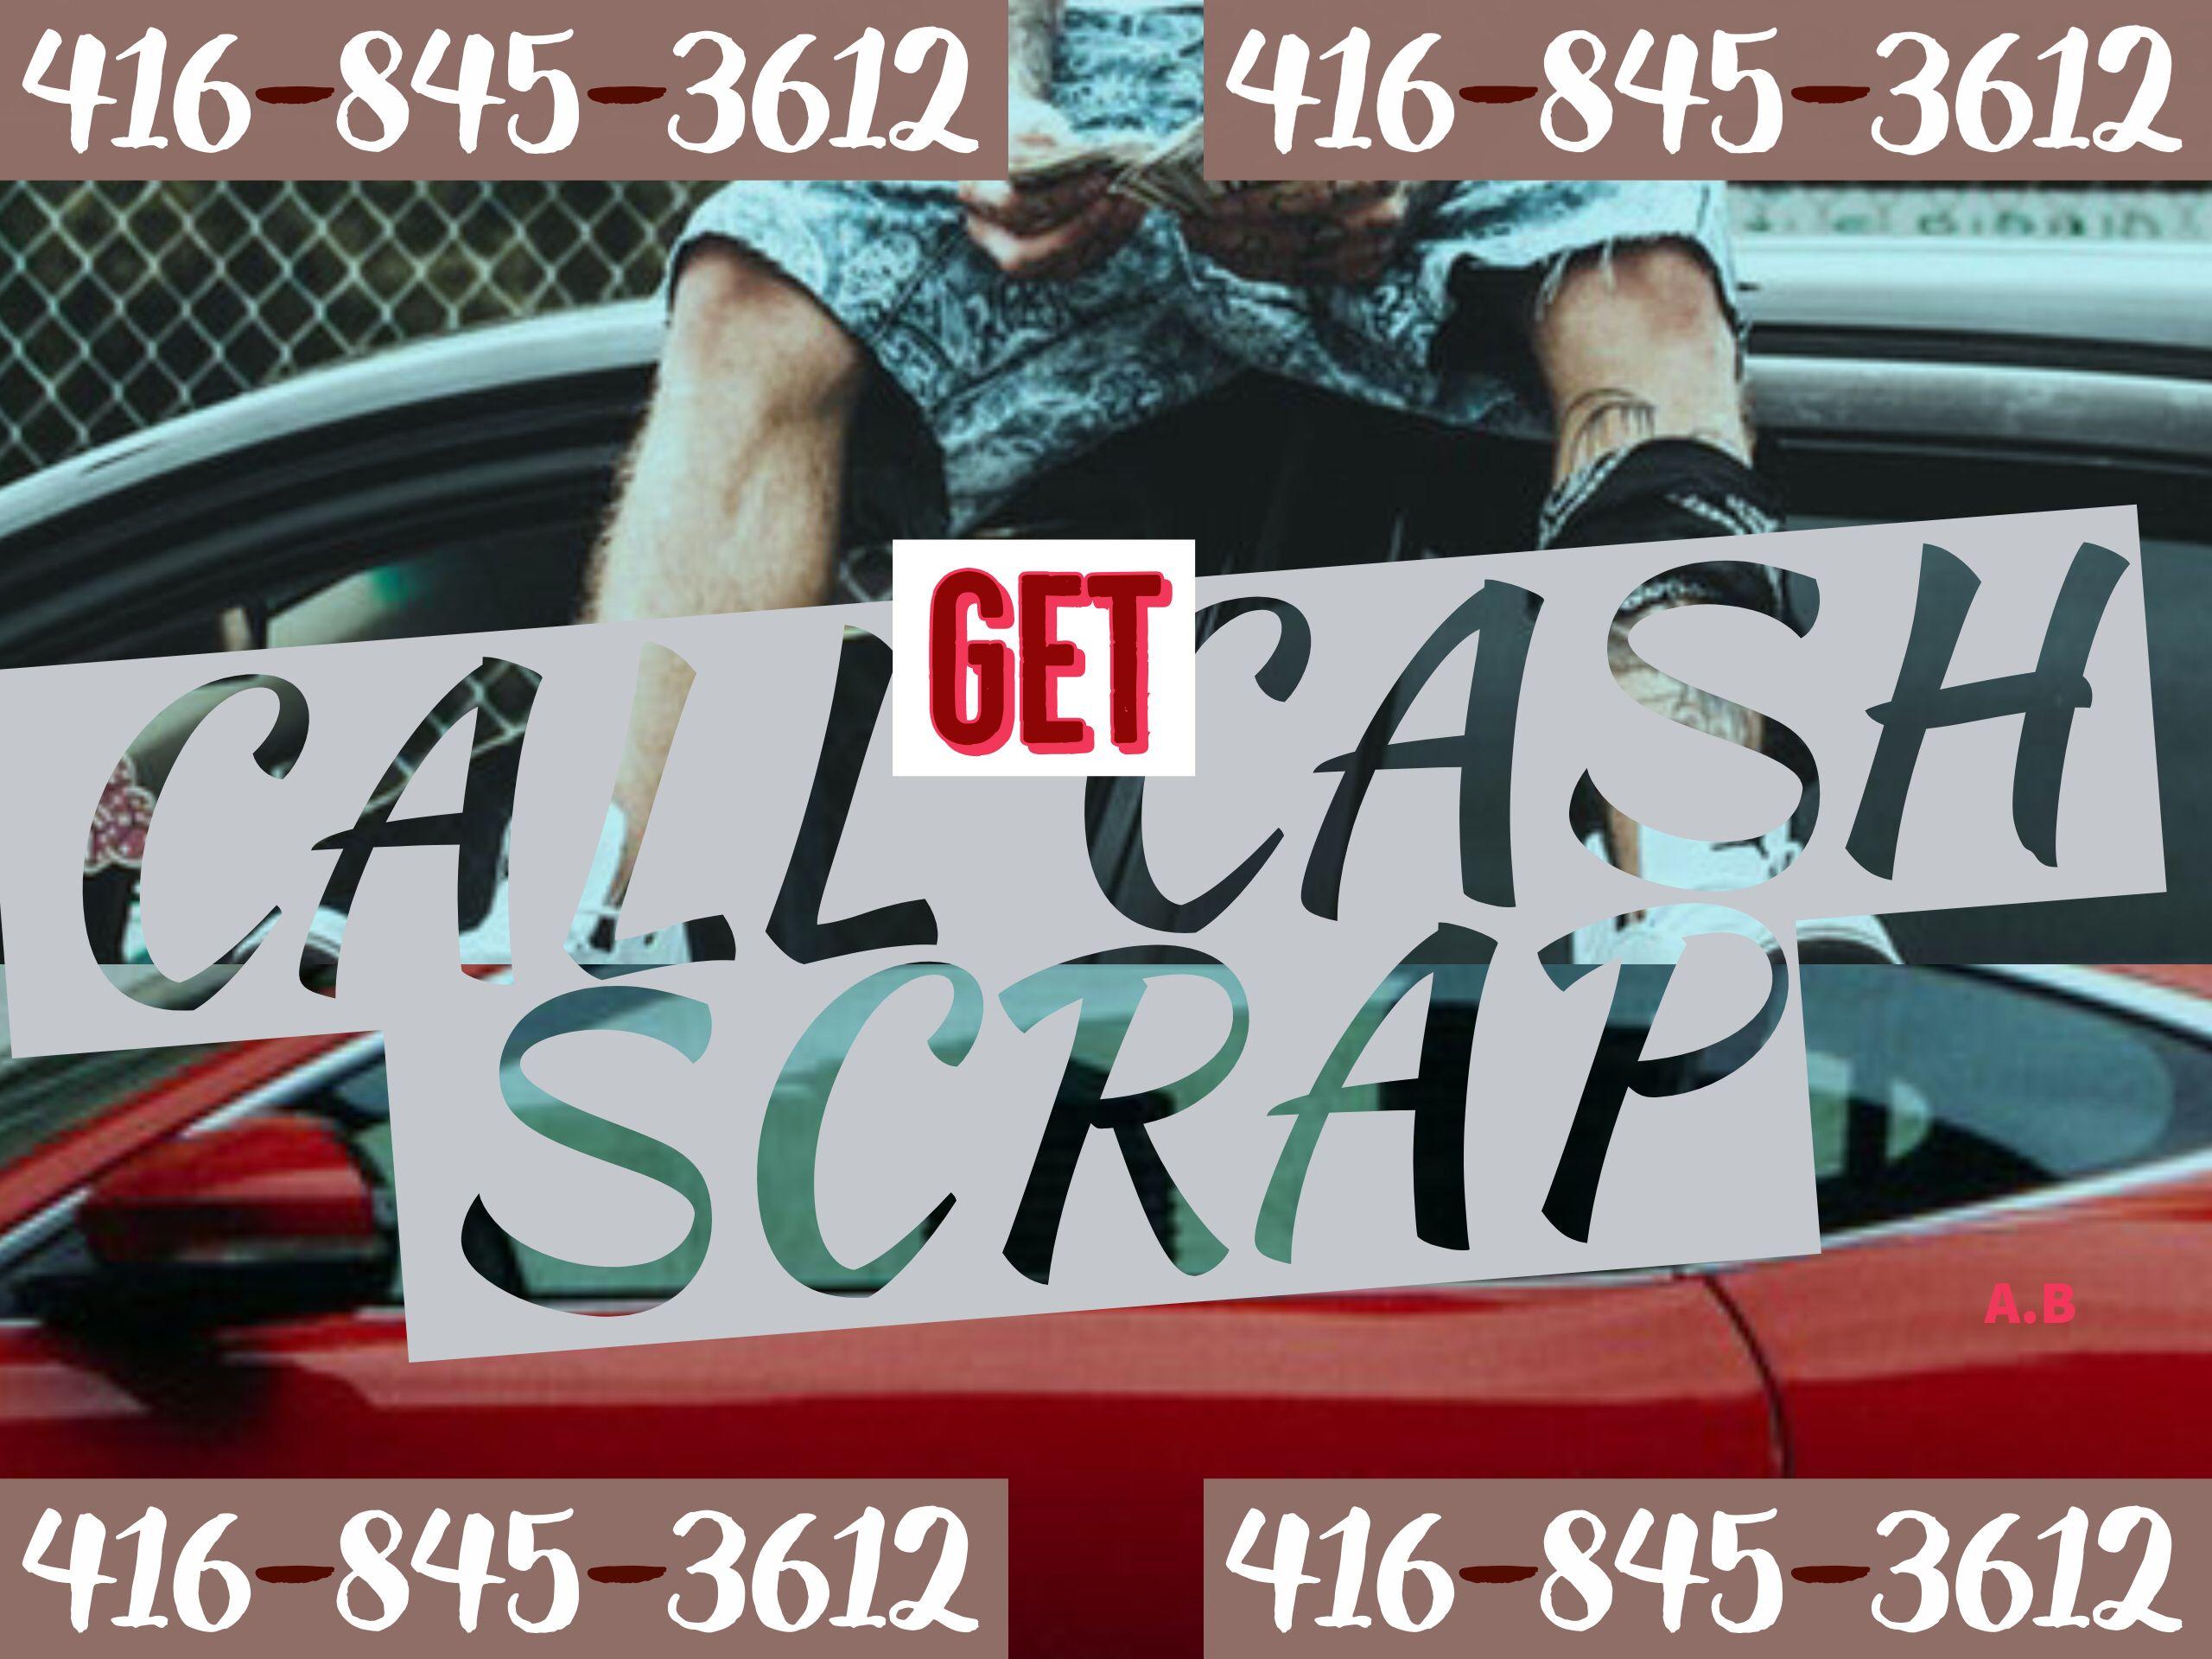 We buy used vehicles in Ontario Scrap car, Working moms